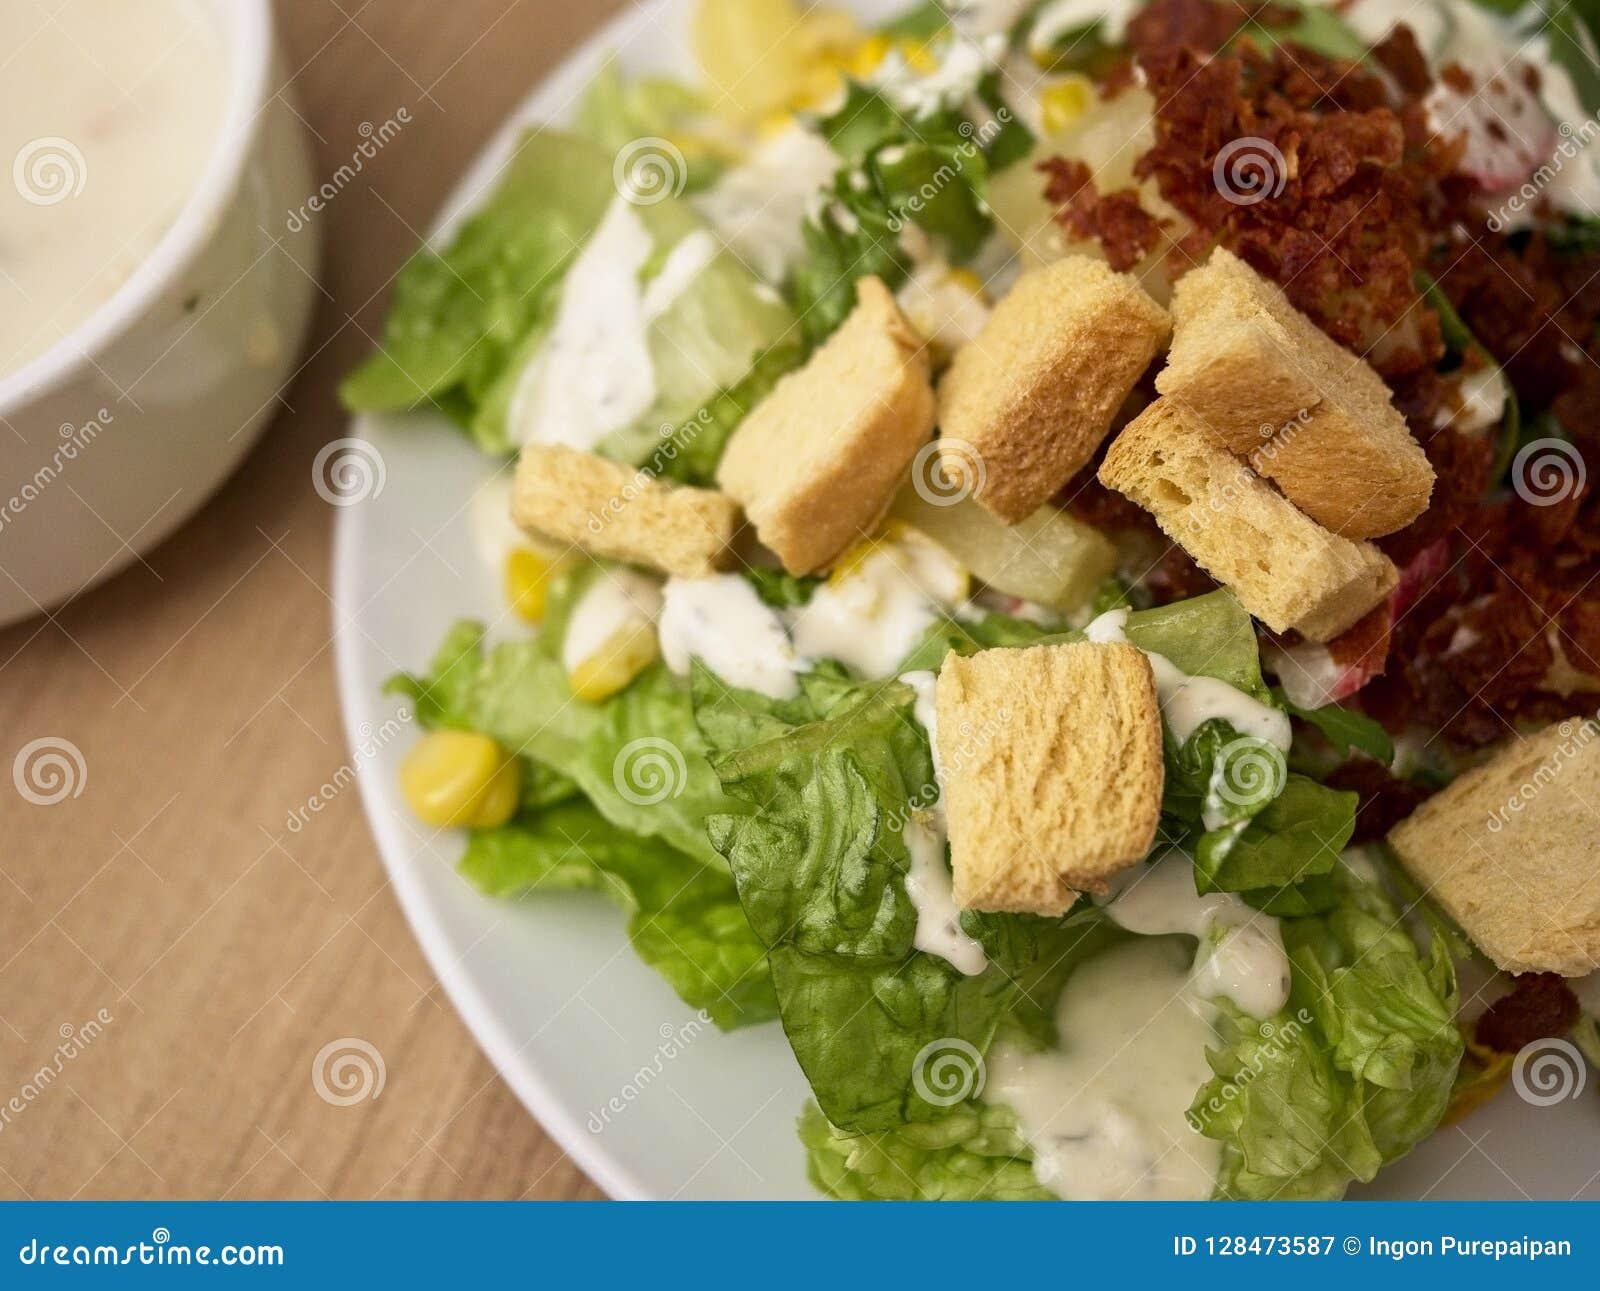 Misture a salada que consiste em frutos e em carnes dos legumes misturados na placa branca